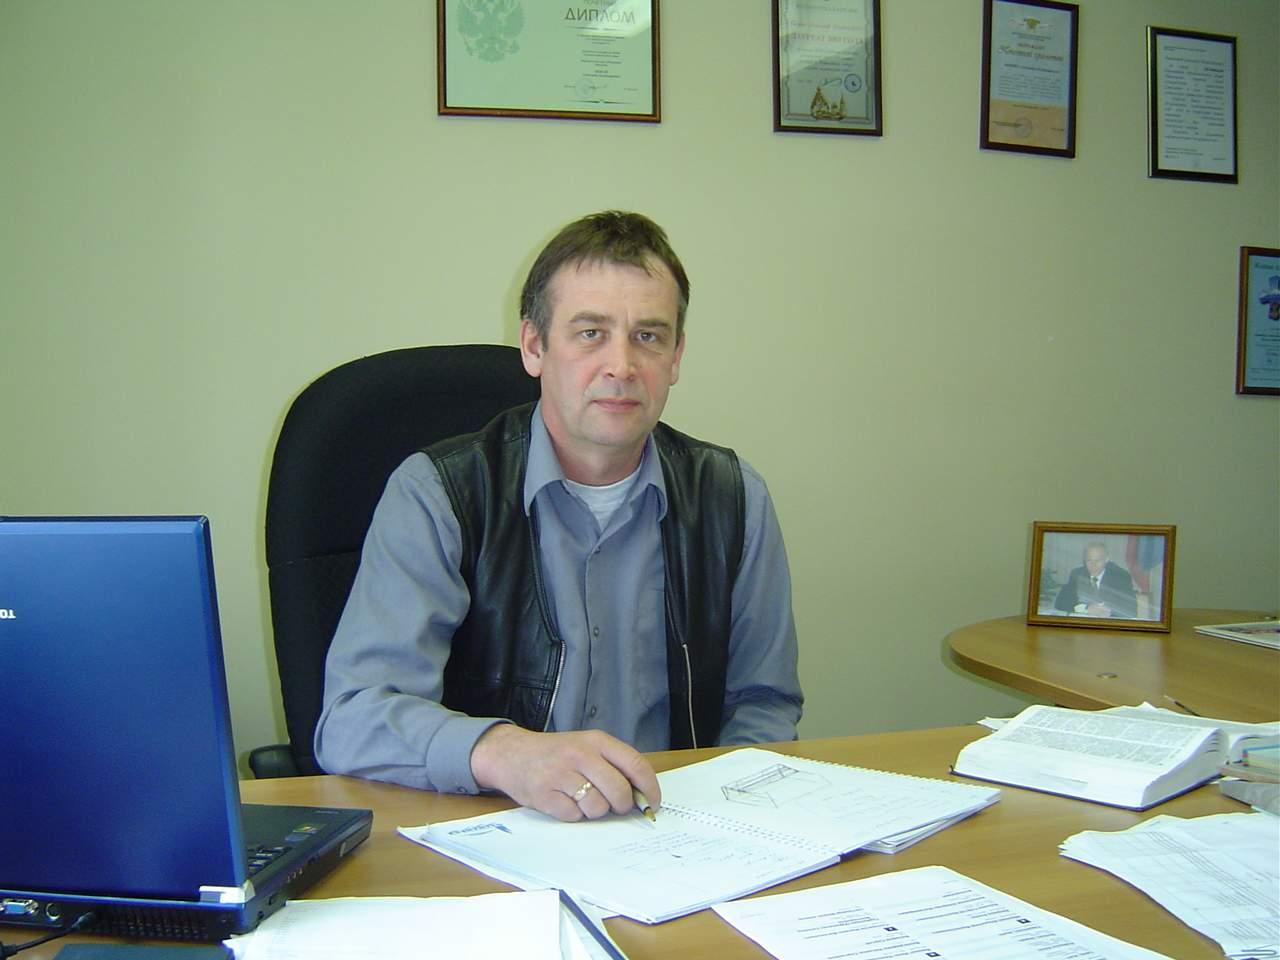 Александр Владимирович Бижон. 2004 год